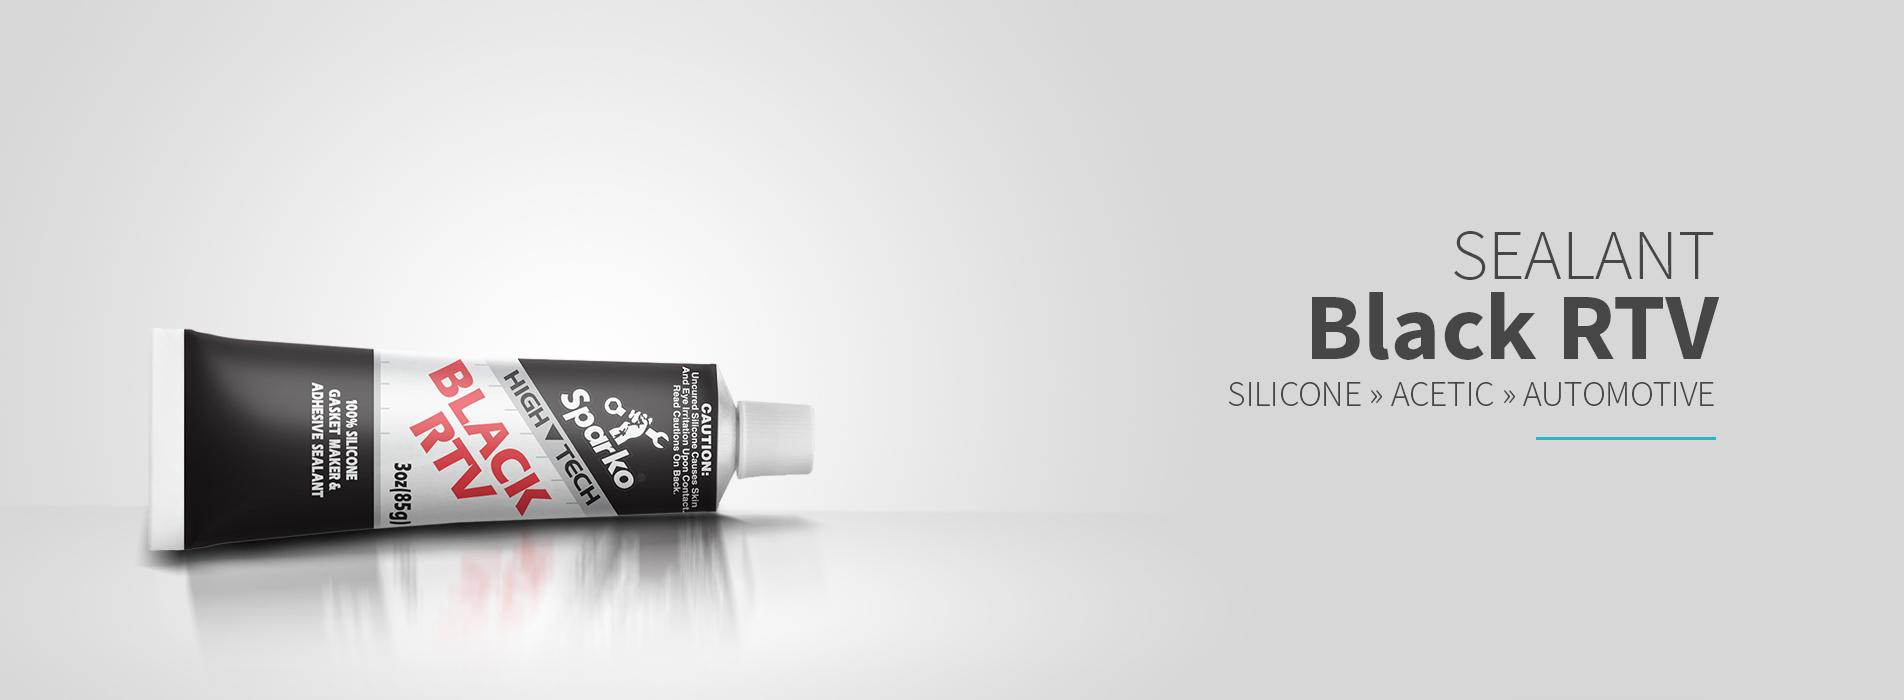 OCI Sparko Black RTV Silicone - 100% Silicone Rubber, Gasket Maker & Adhesive Sealant